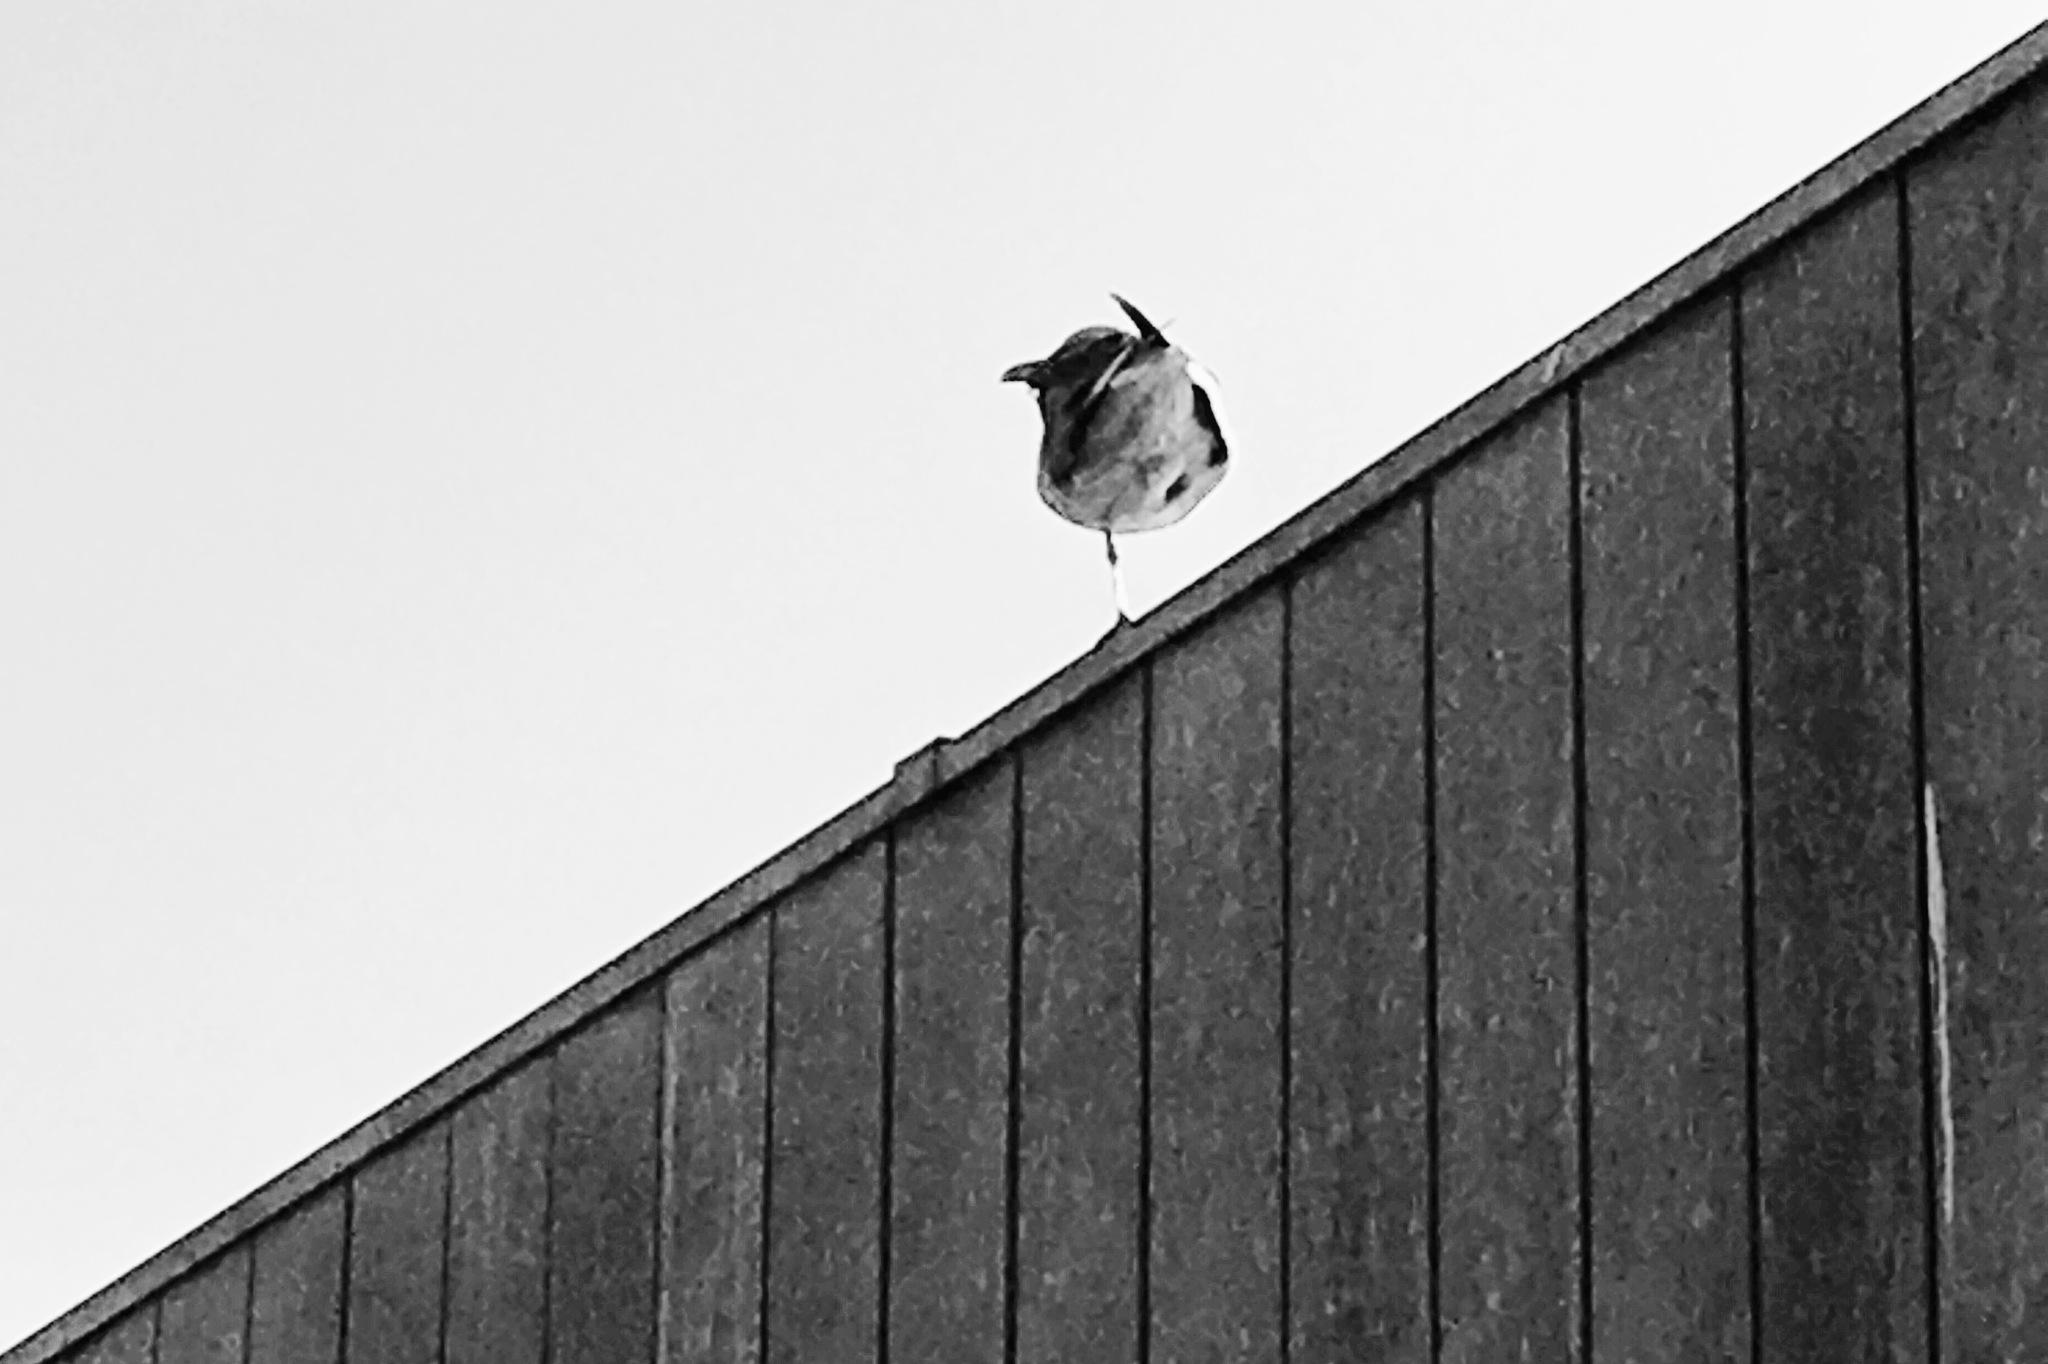 One leg bird by jmatela